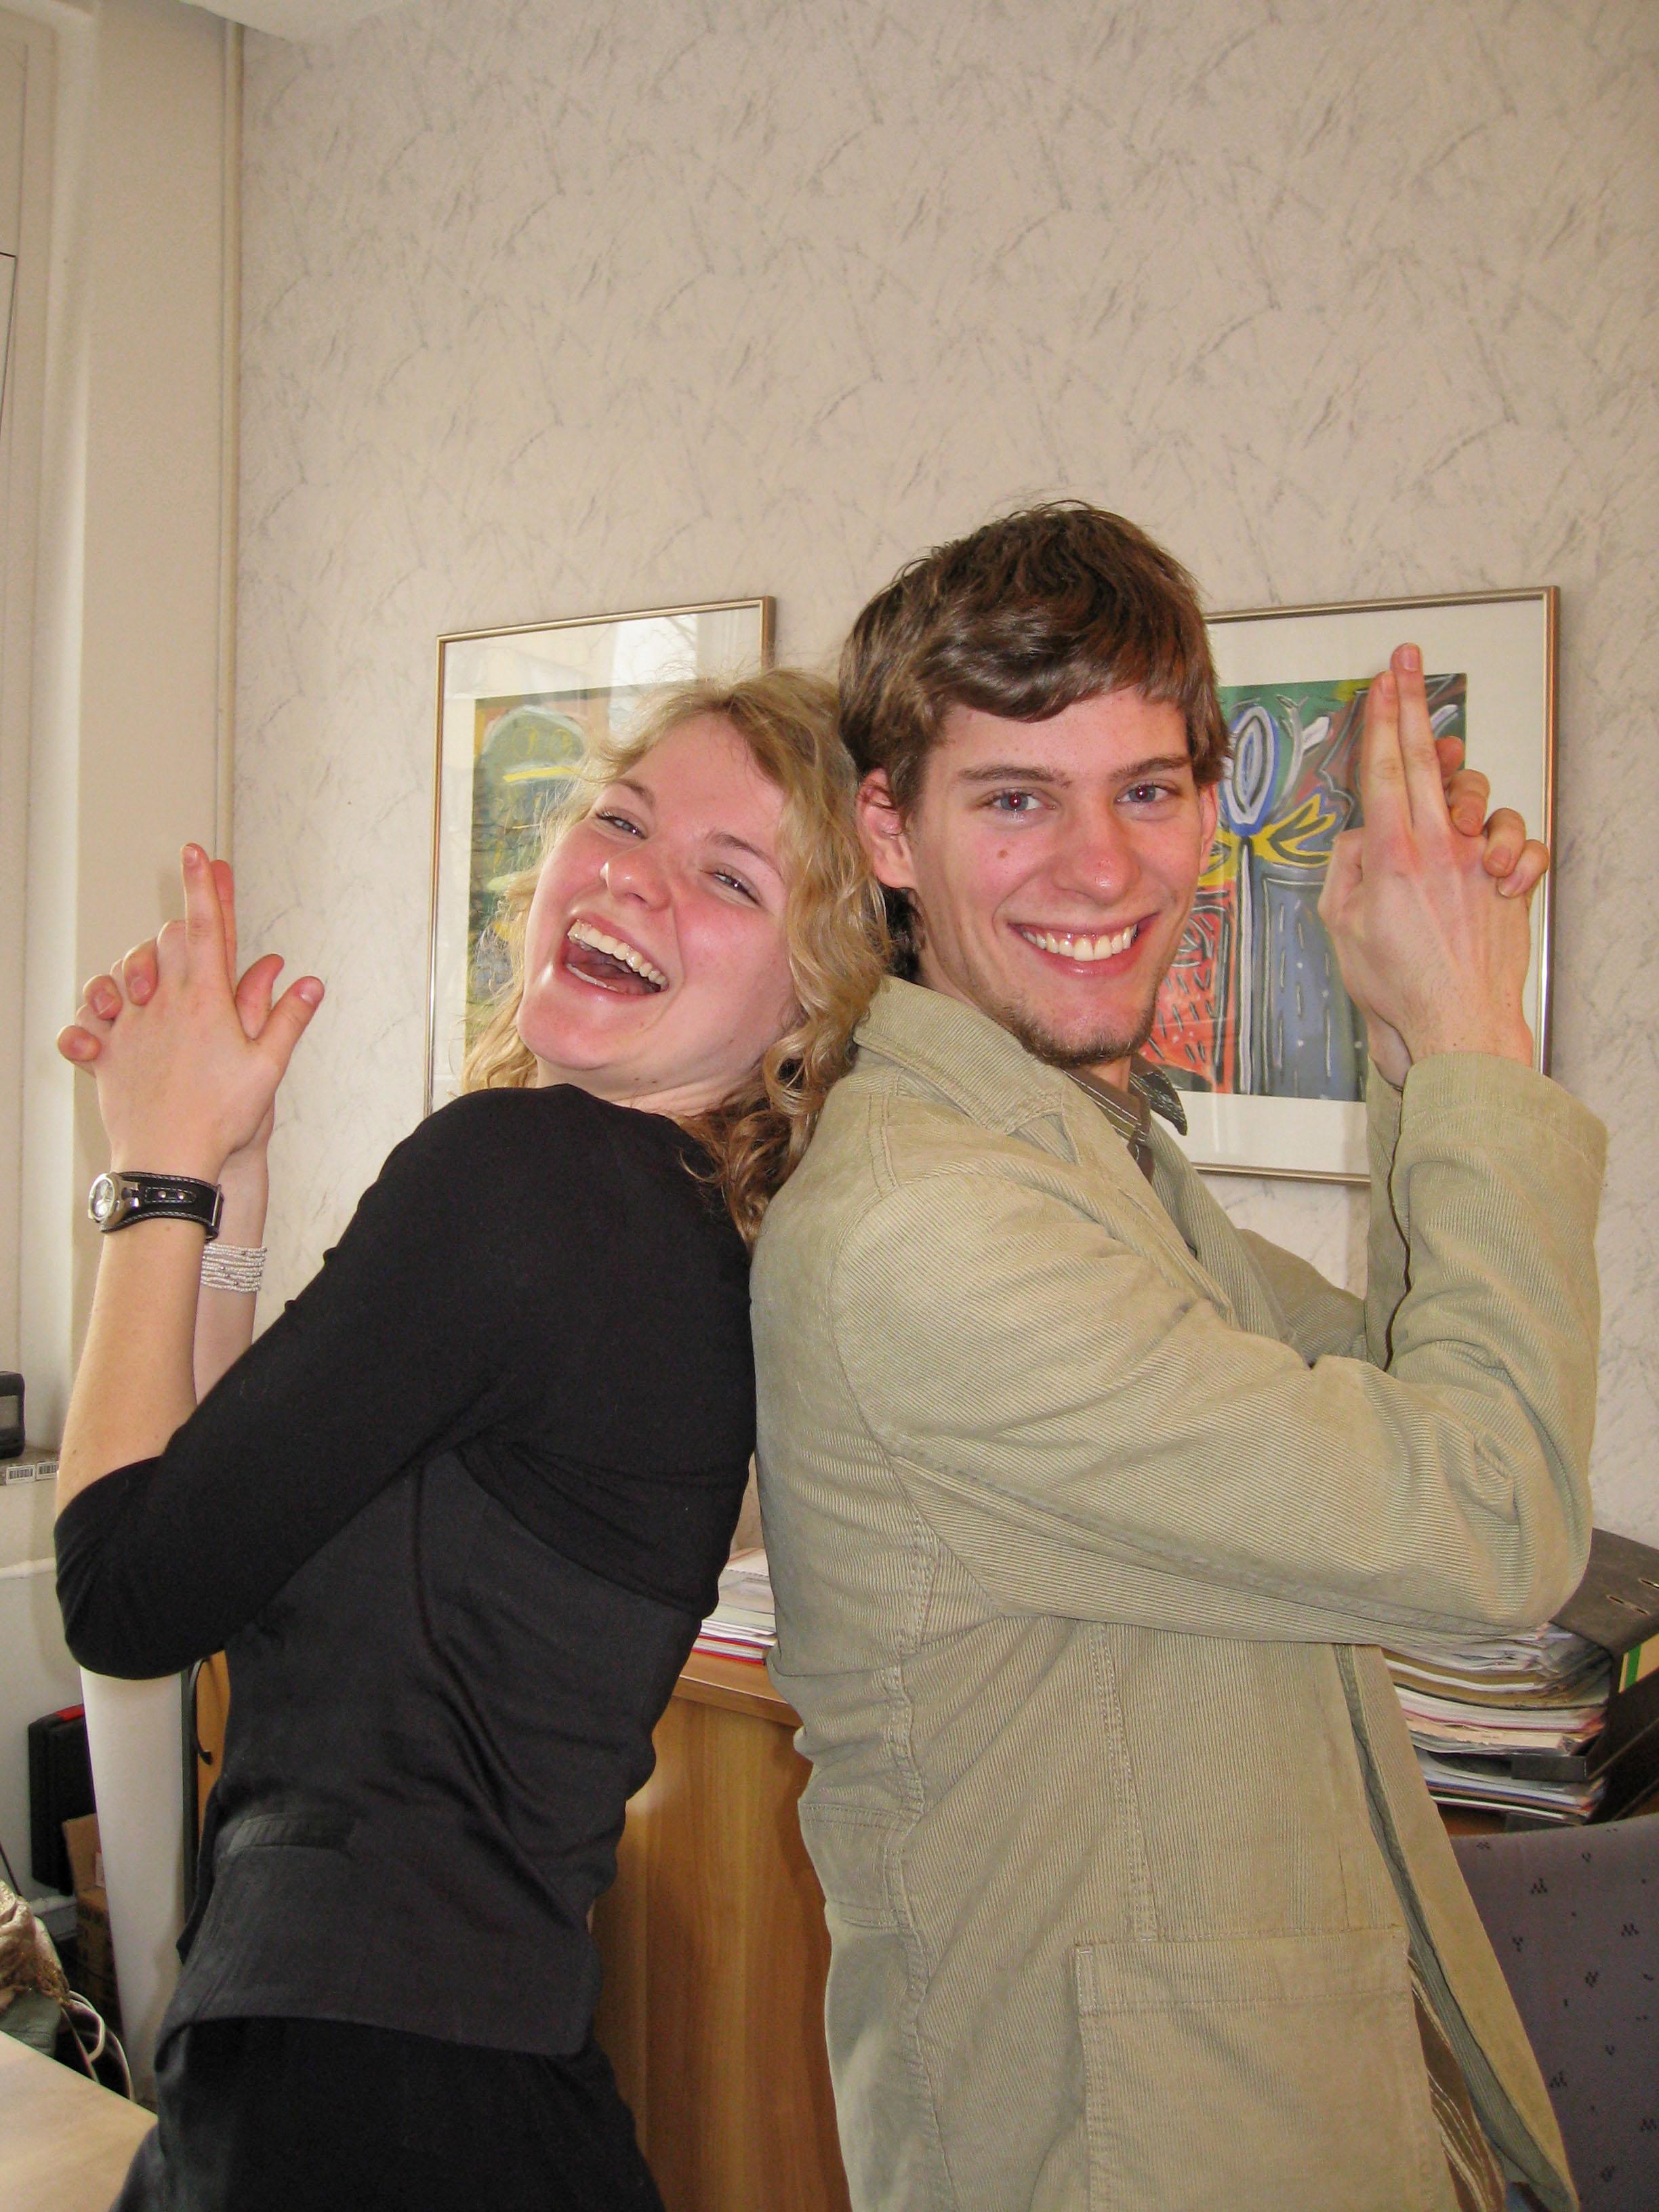 Nach dem Interview - Jule und Tony